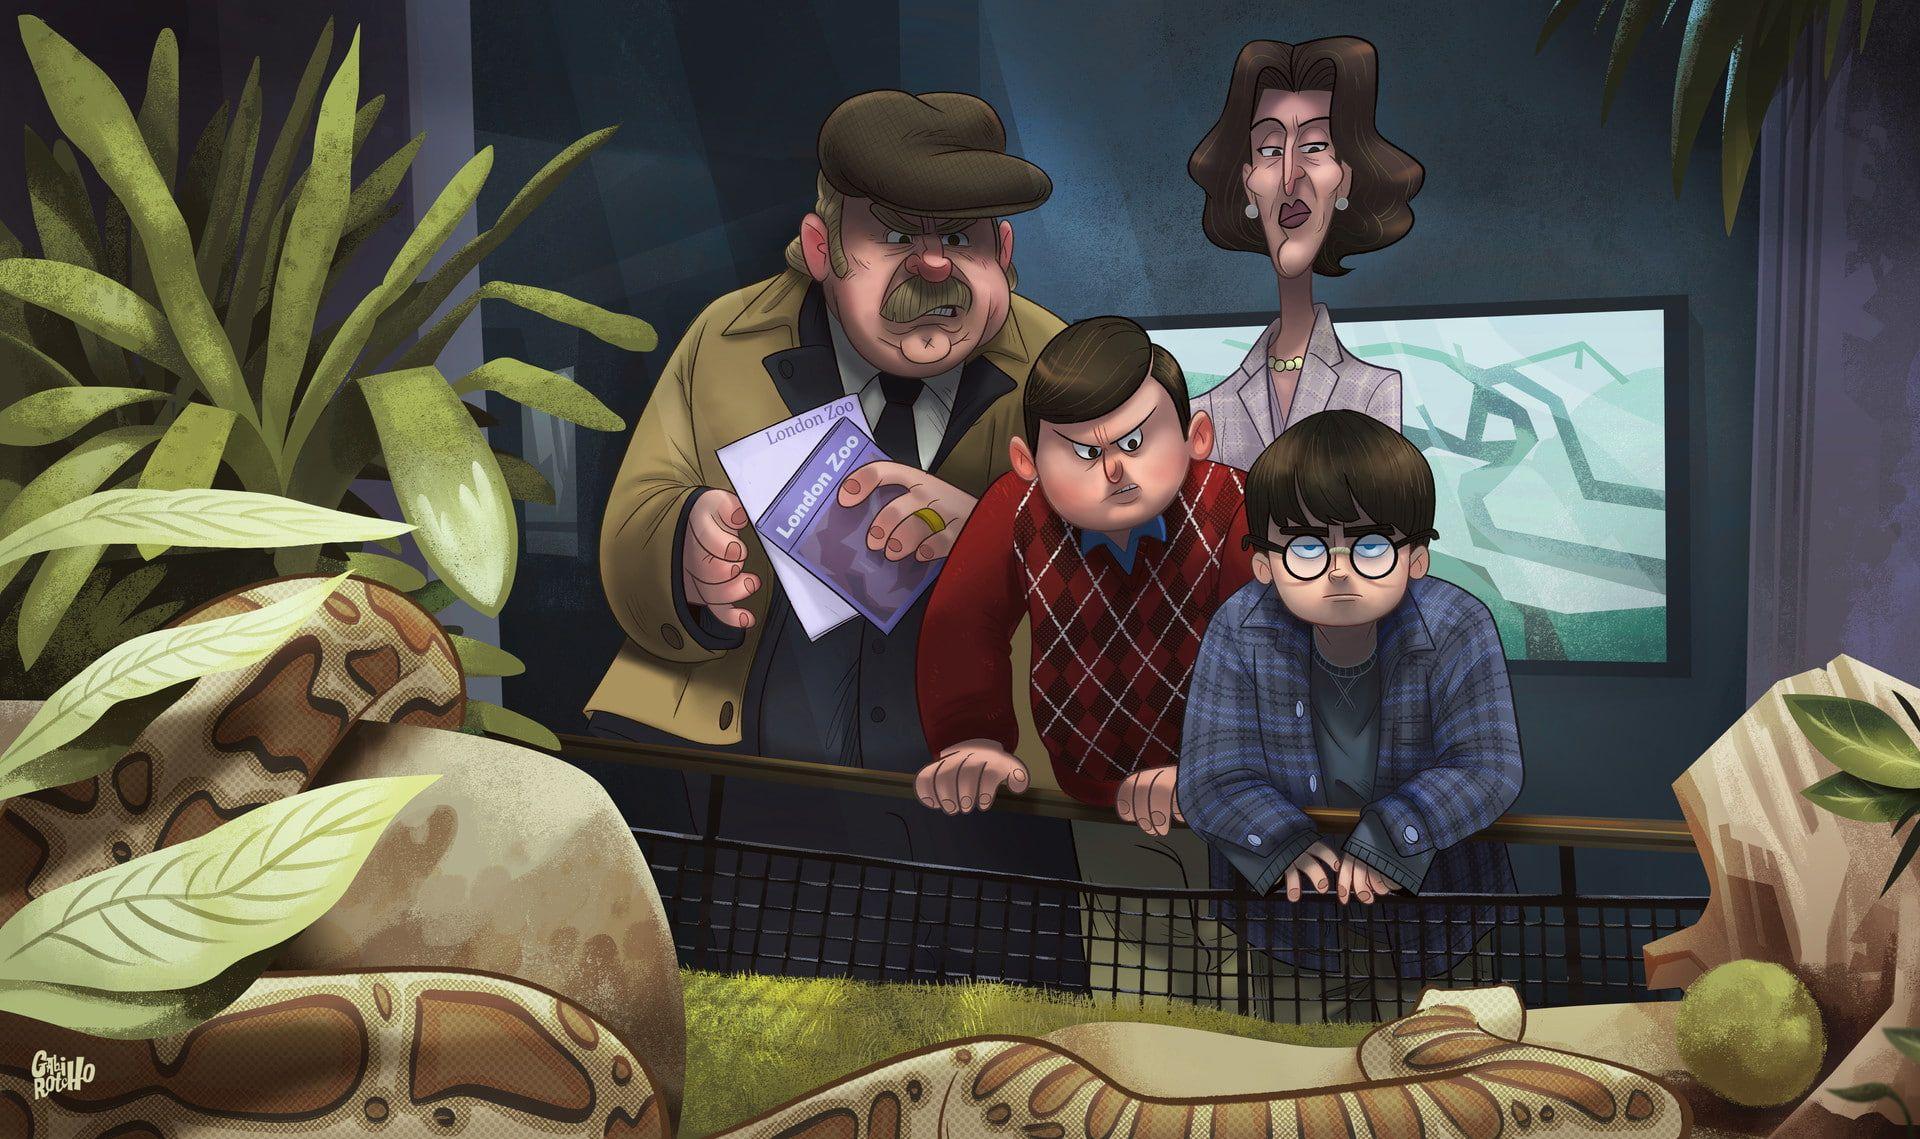 Gabirotcho Digital Art Fan Art Harry Potter And The Philosopher S Stone Zoo Snake Habi Harry Potter Illustrations Harry Potter Artwork Harry Potter Fan Art